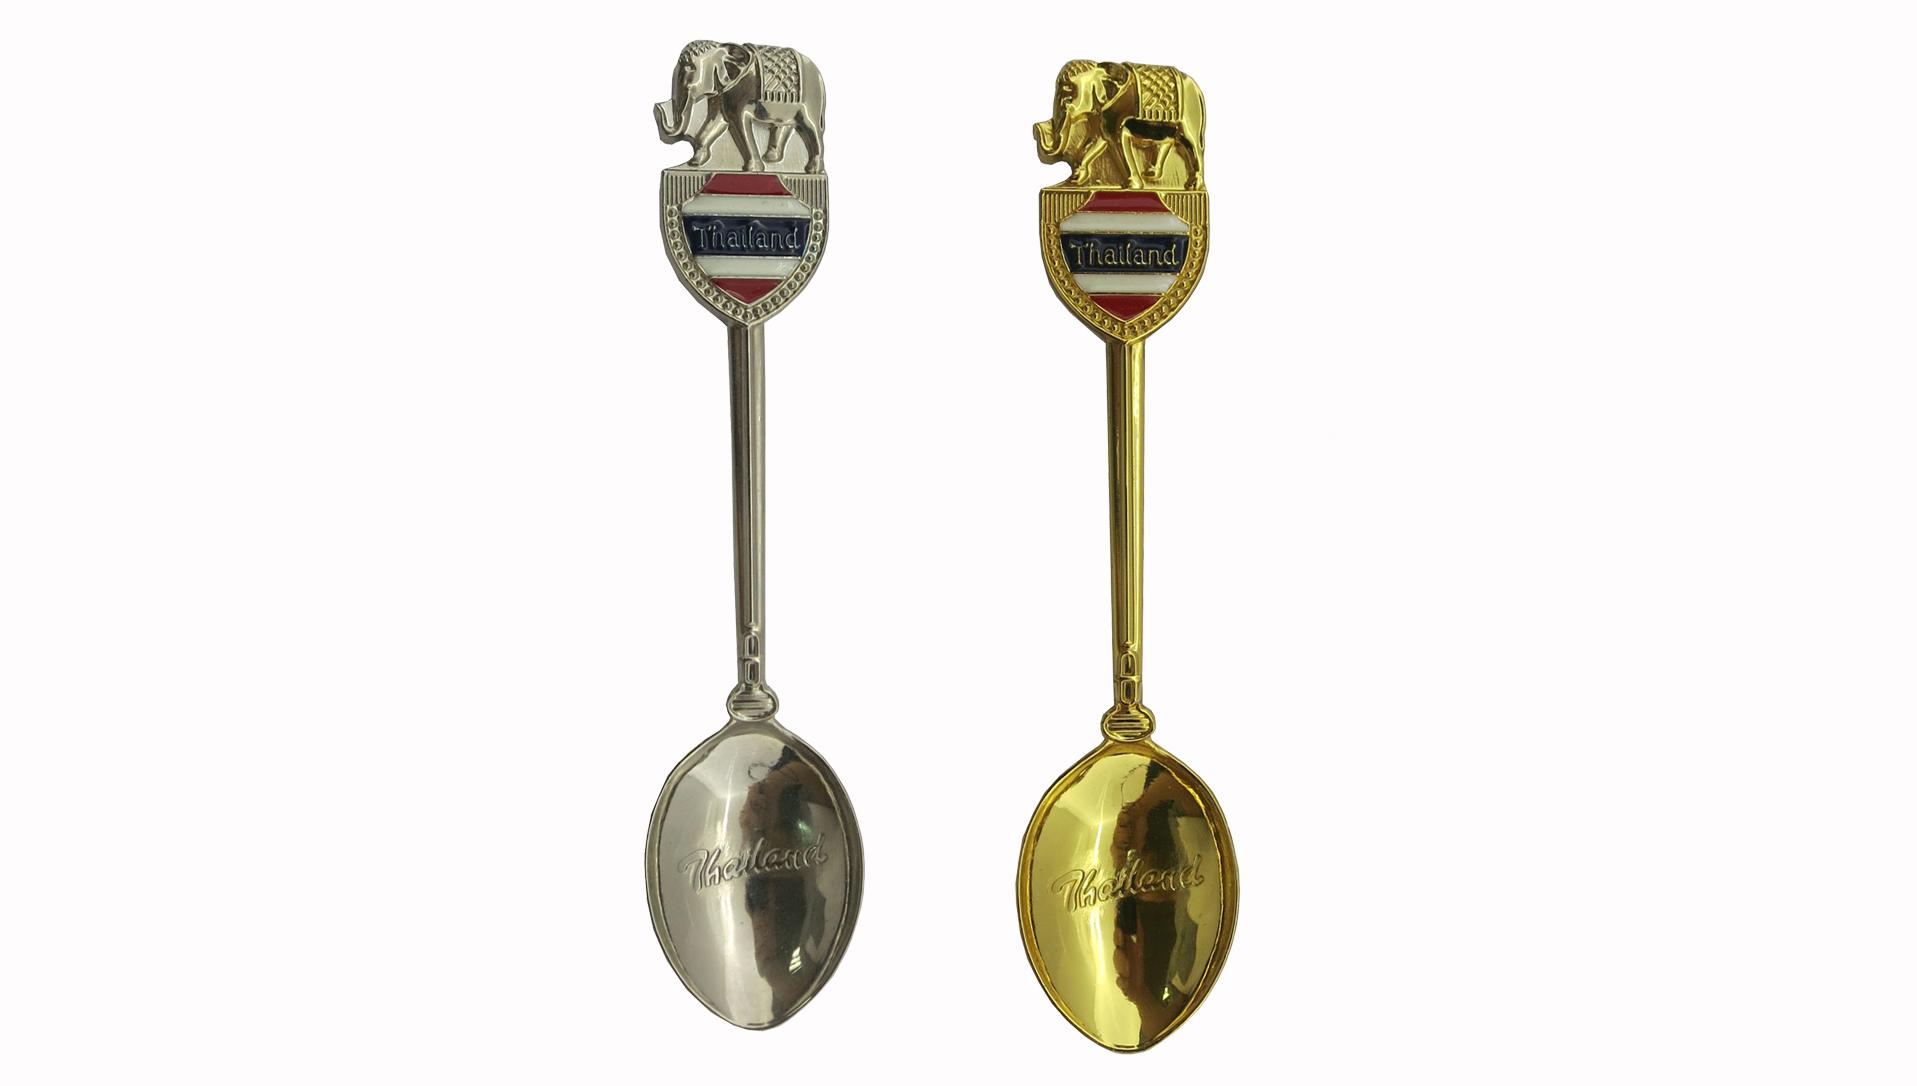 Nach France tourist zink legierung metall souvenir metall geschenke antike messing löffel